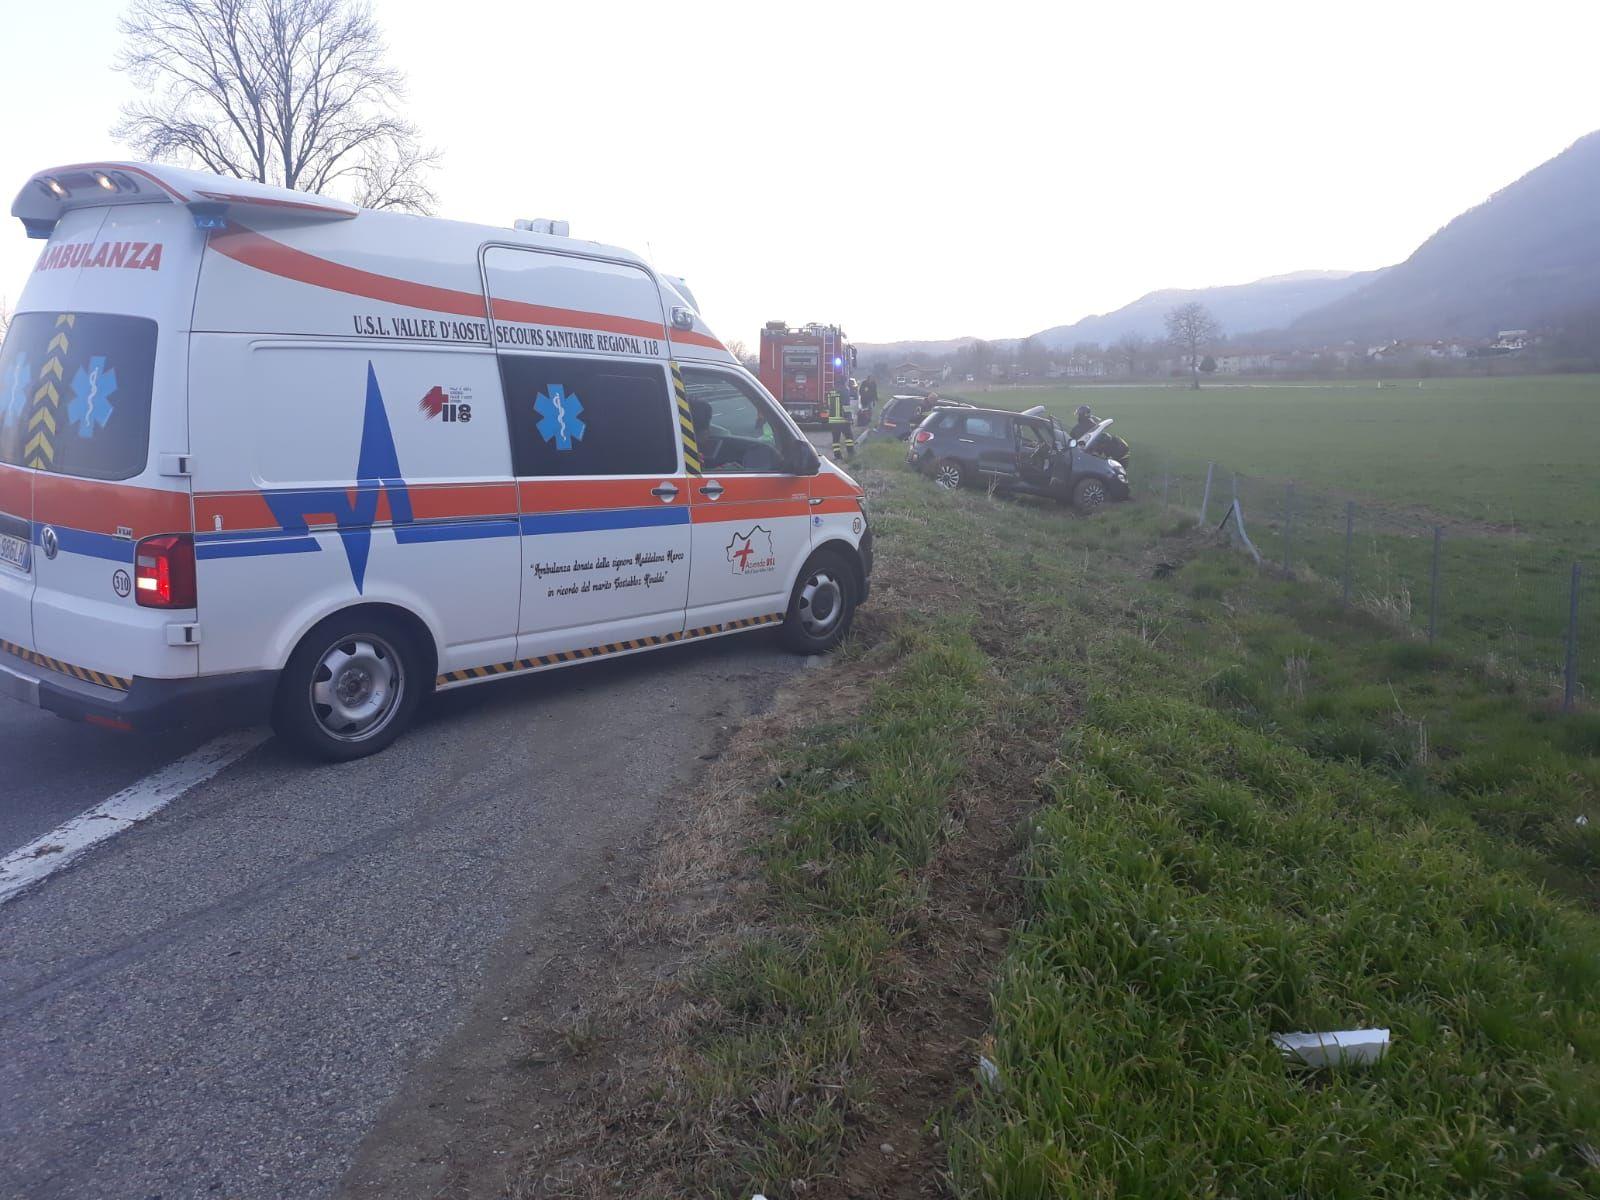 AUTOSTRADA TORINO-AOSTA - Incidente stradale a Quassolo, due persone ferite in ospedale - FOTO